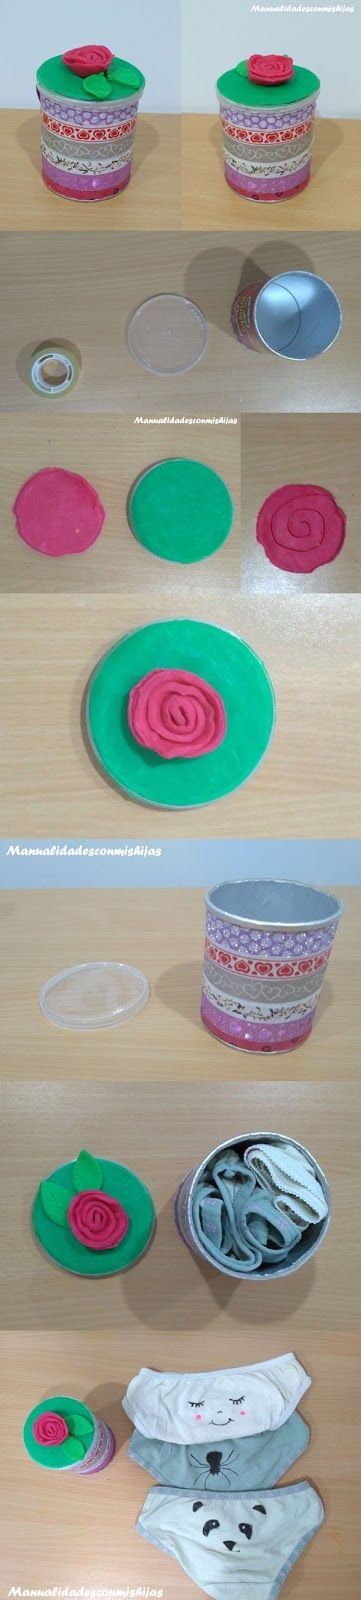 Manualidades con mis hijas: Tarrito de whasi tape y plastilina para el Día de la madre